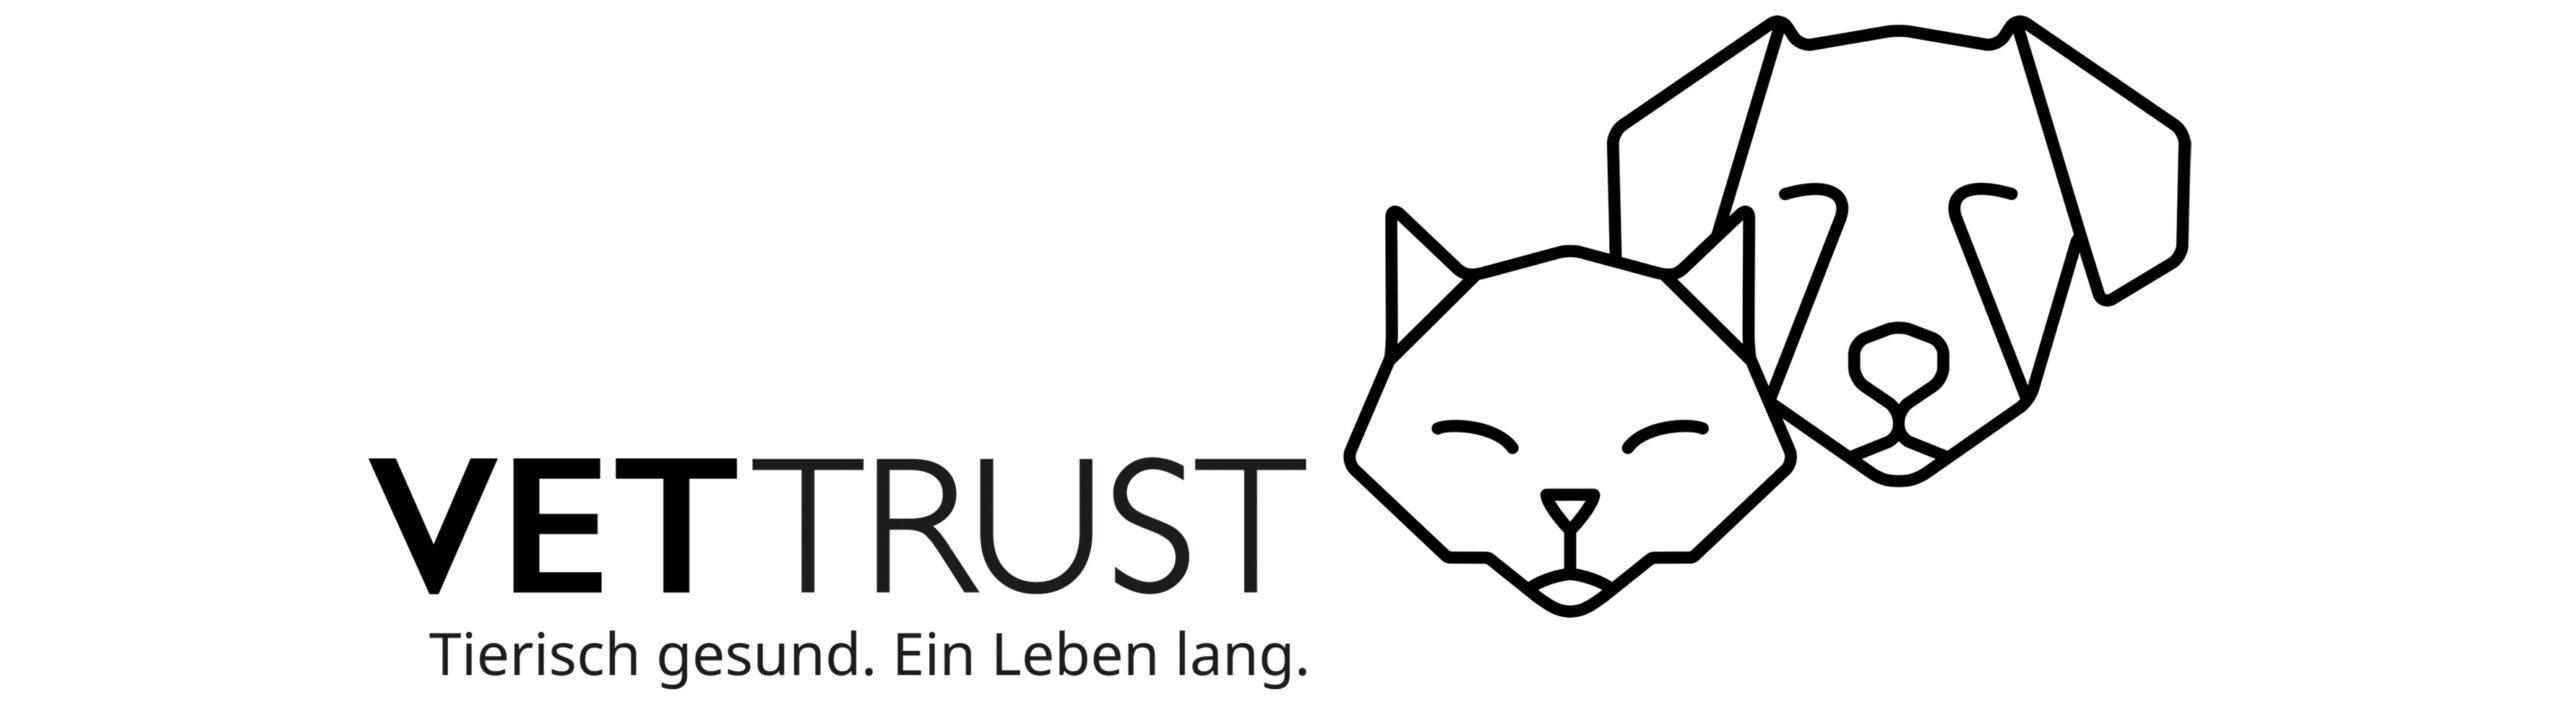 VSTPA / ASAMV - Vereinigung der schweizerischen tiermedizinischen Praxisassistentin - Vettrust